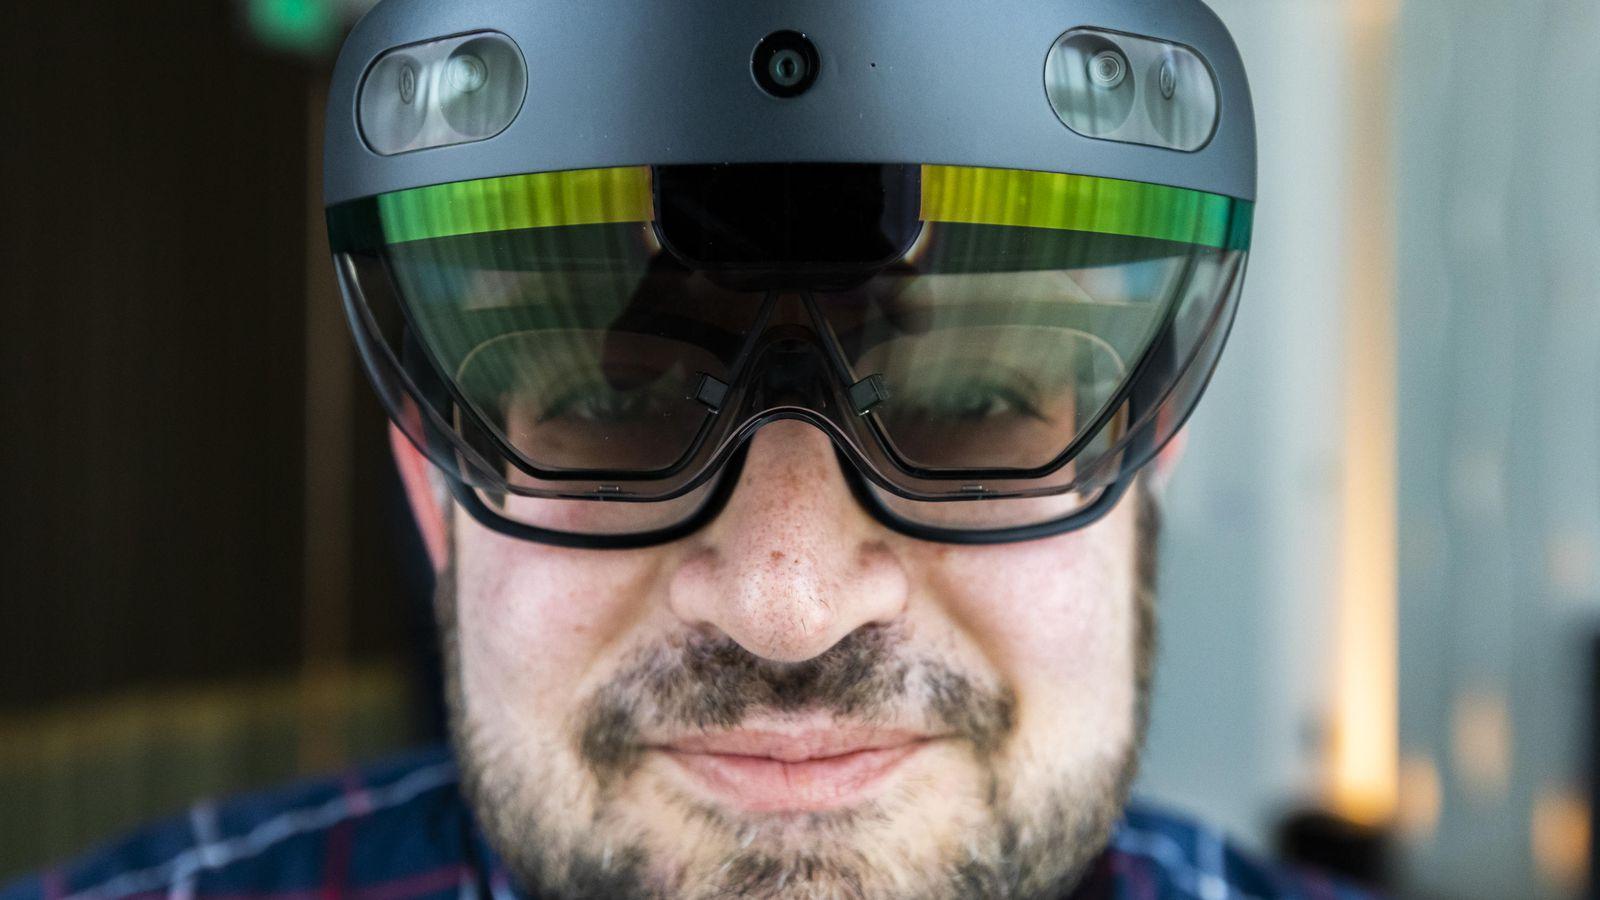 بالفيديو.. مايكروسوفت تكشف رسميا عن نظاراتها المتطورة HoloLens 2